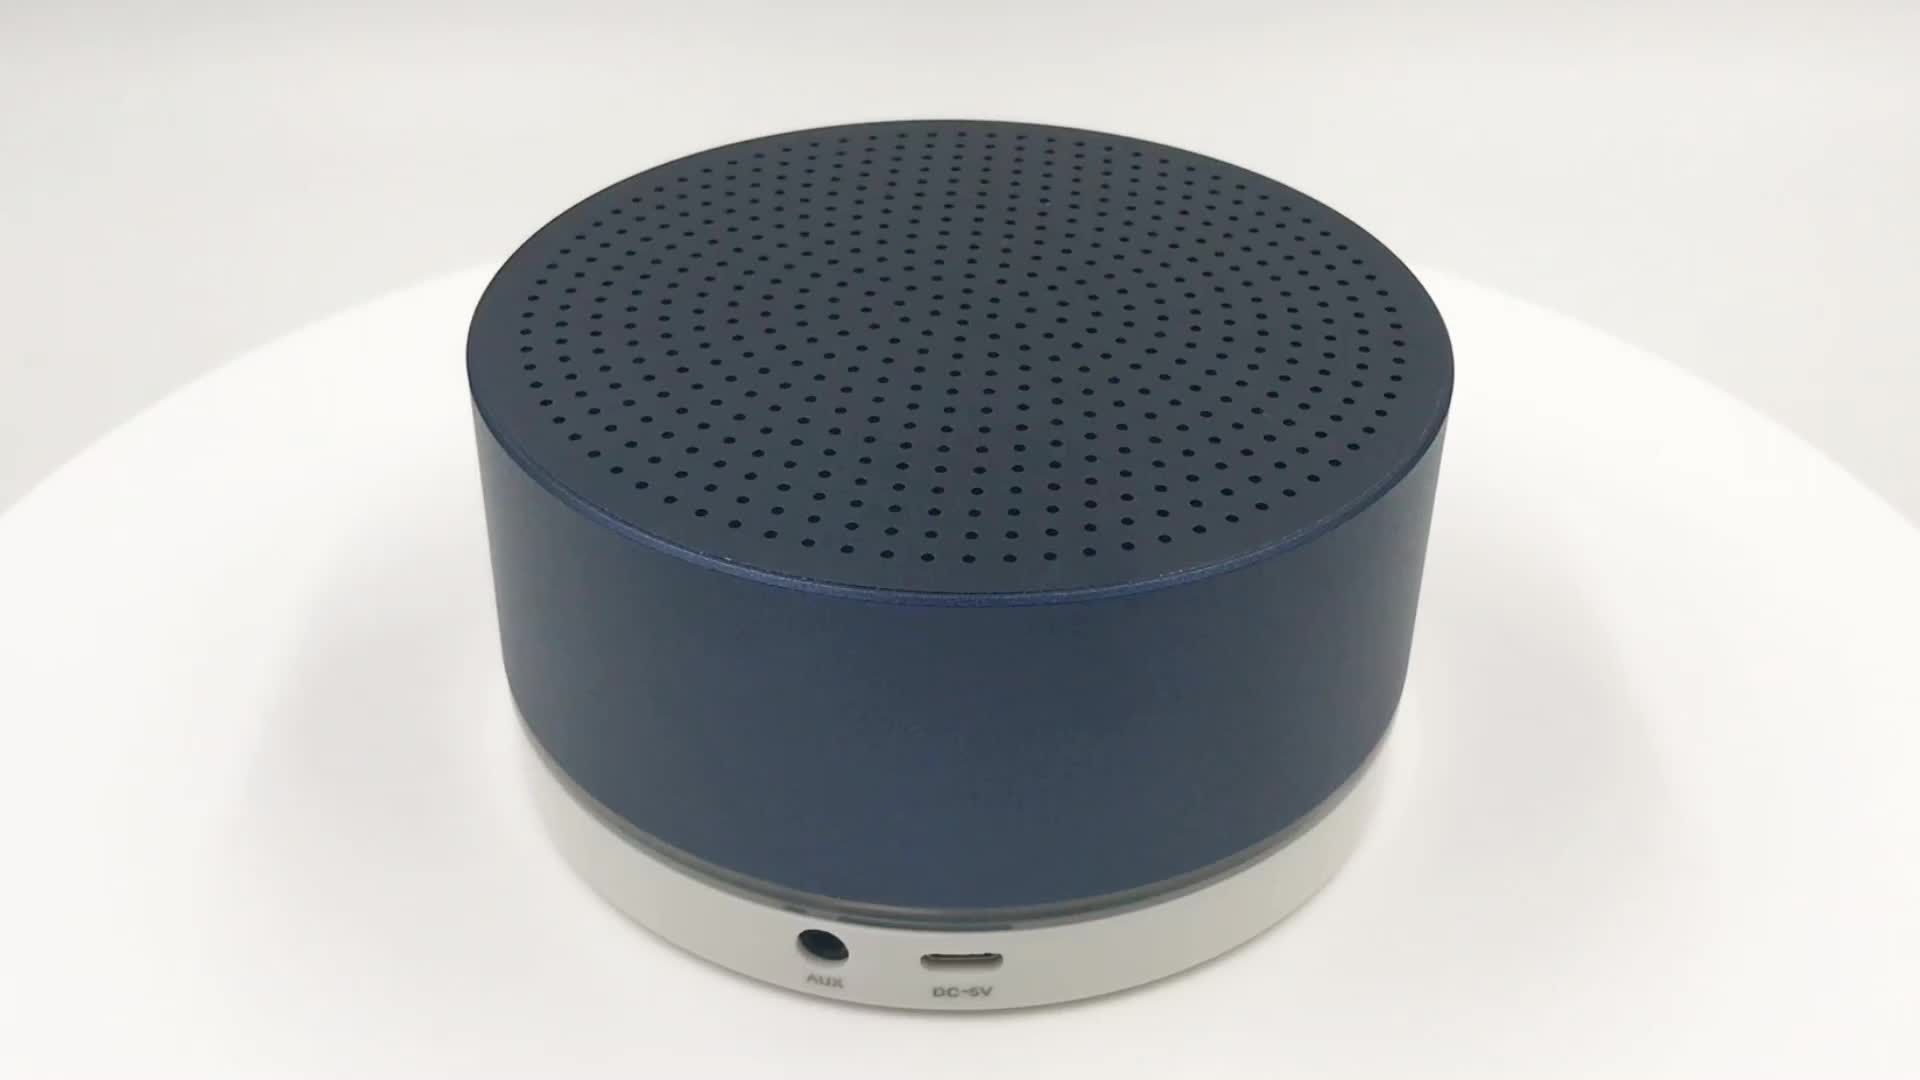 Mini Drahtlose Heißer Verkauf Neue Bluetooth Lautsprecher